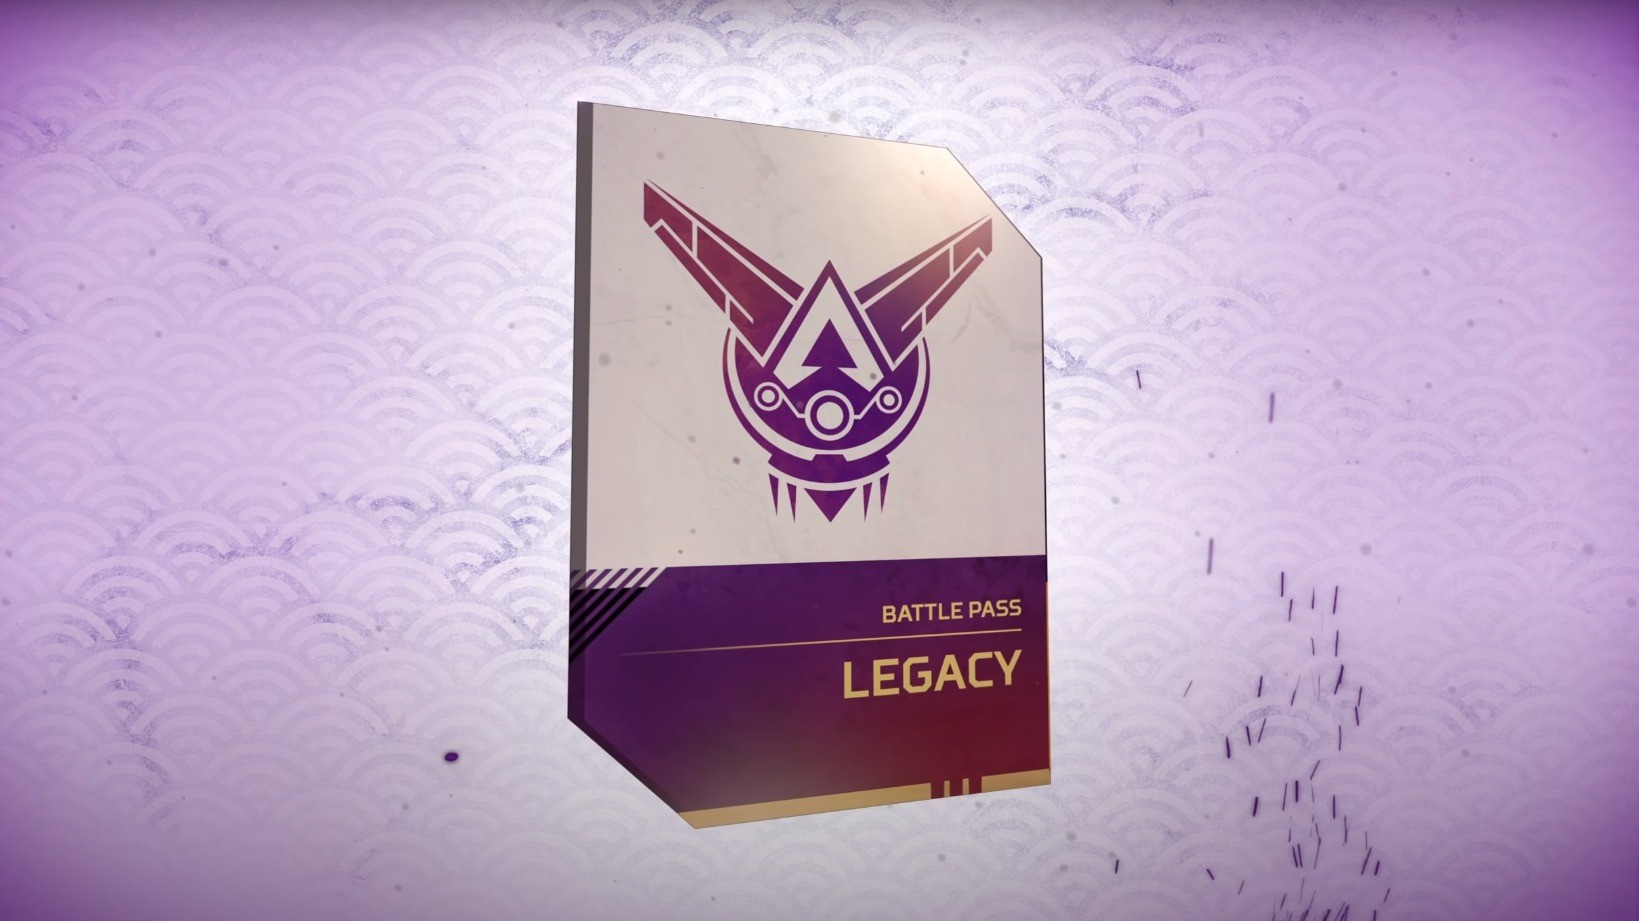 В Apex Legends вышел трейлер он посвящен боевому пропуску